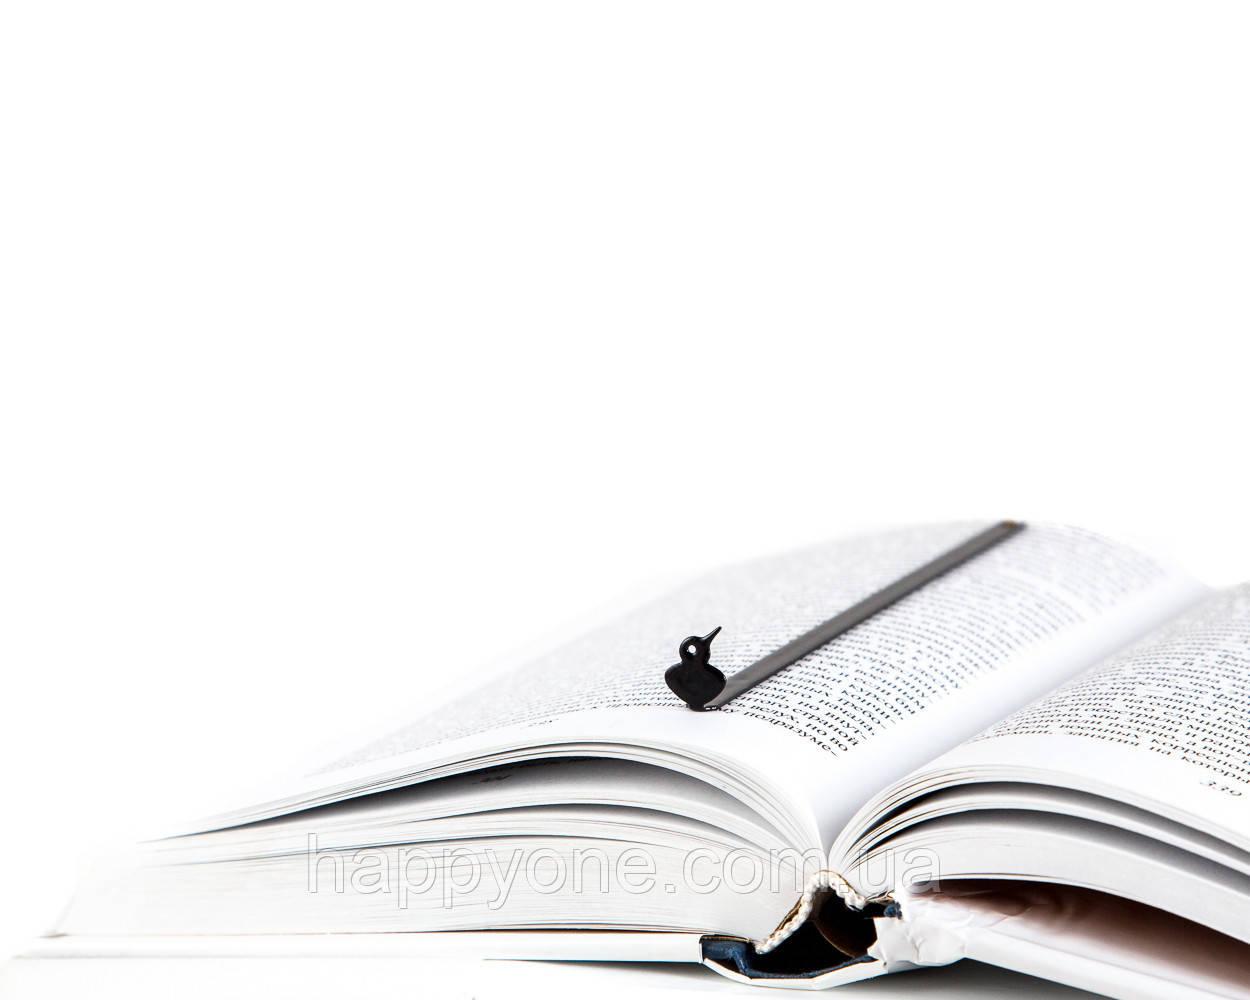 Закладка для книг Дизайнерская птица